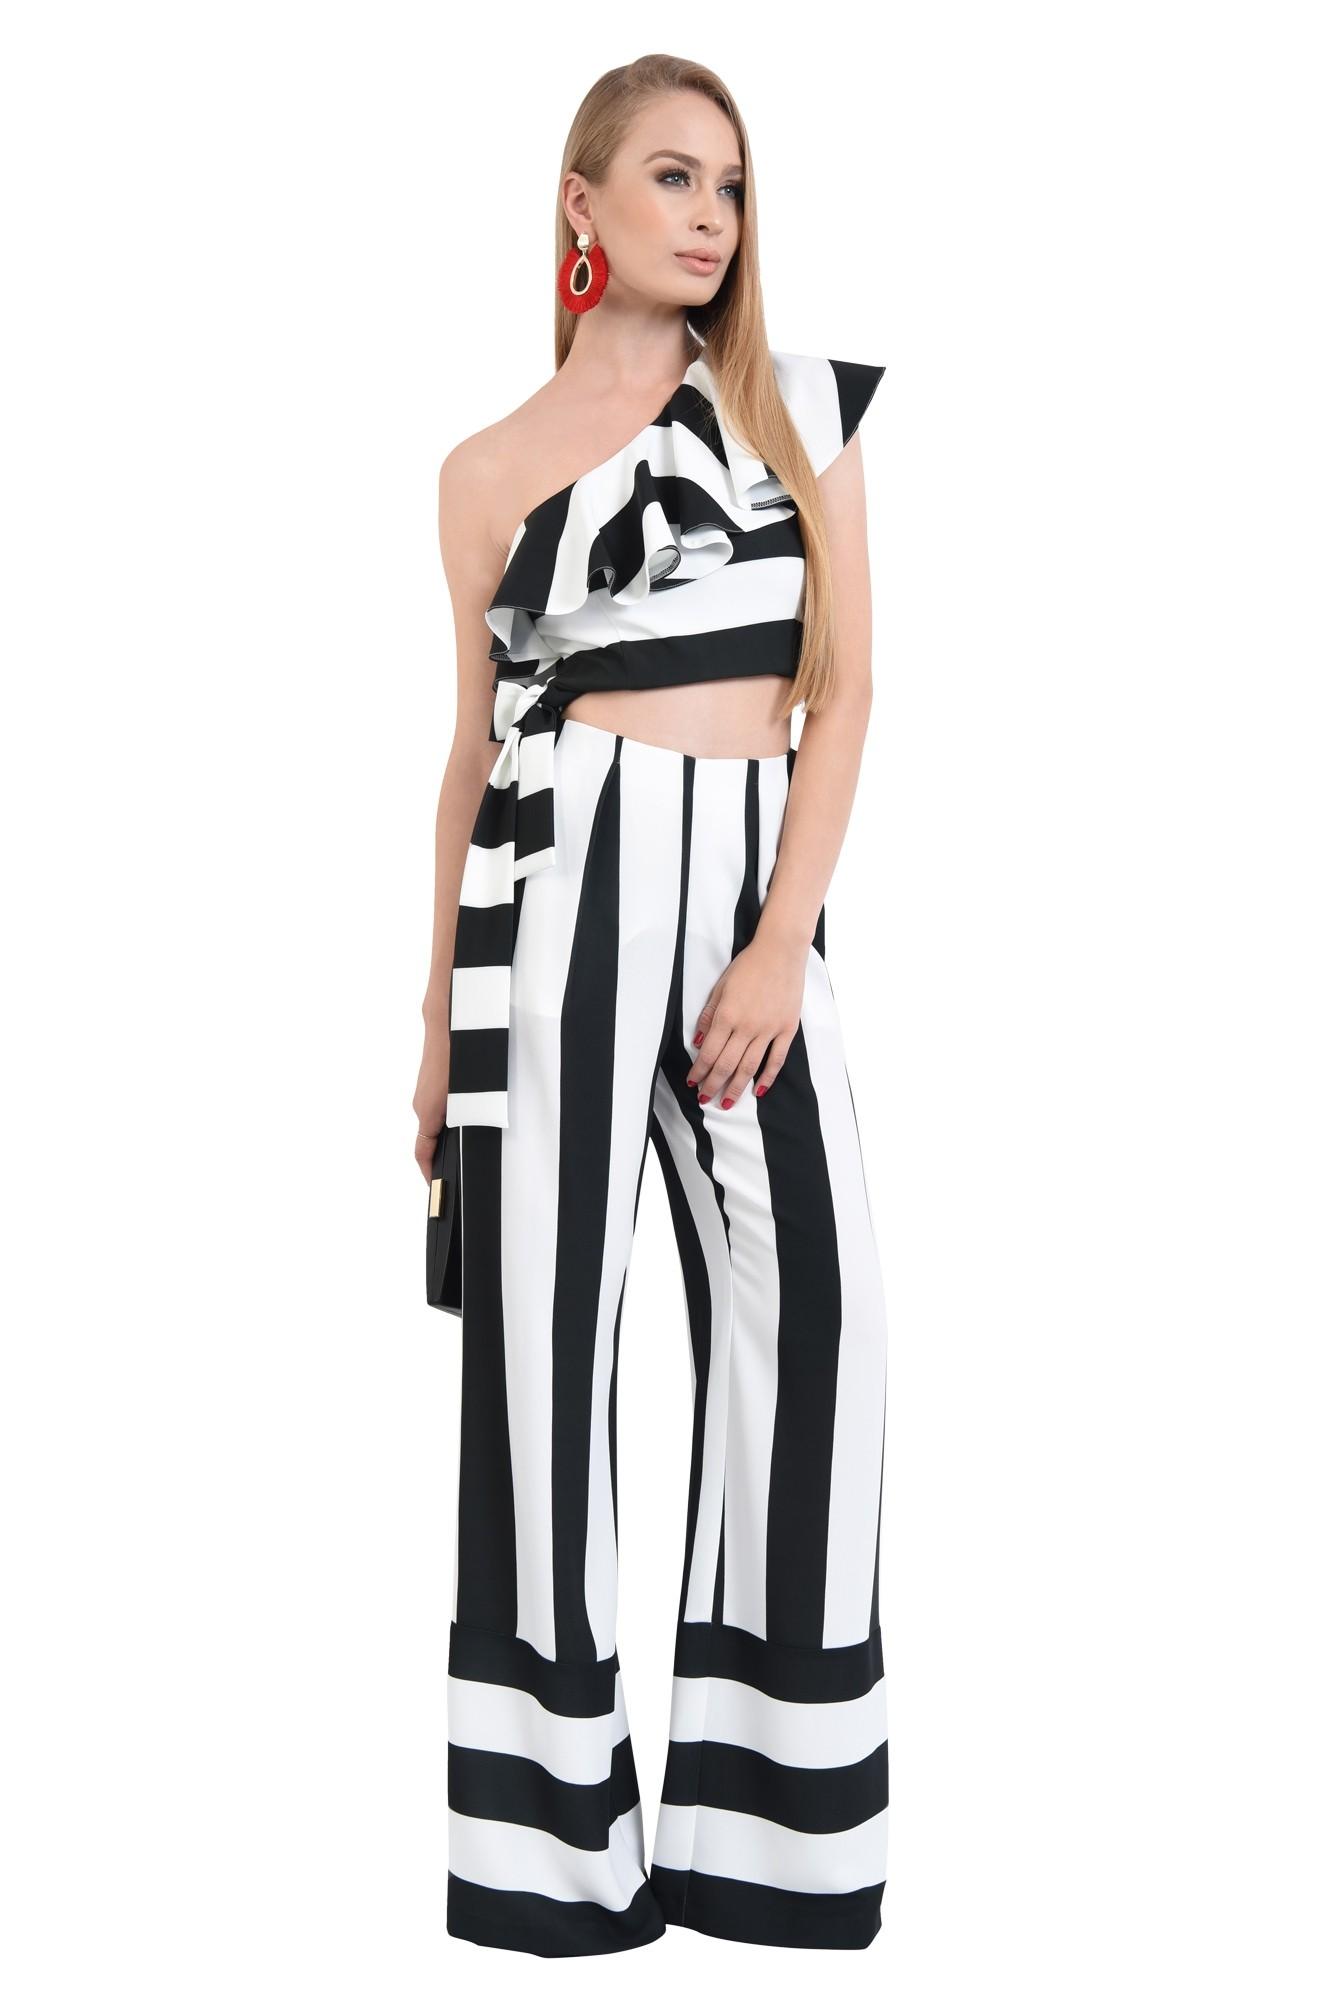 0 - pantaloni eleganti, croi larg, imprimeu, dungi, alb-negru